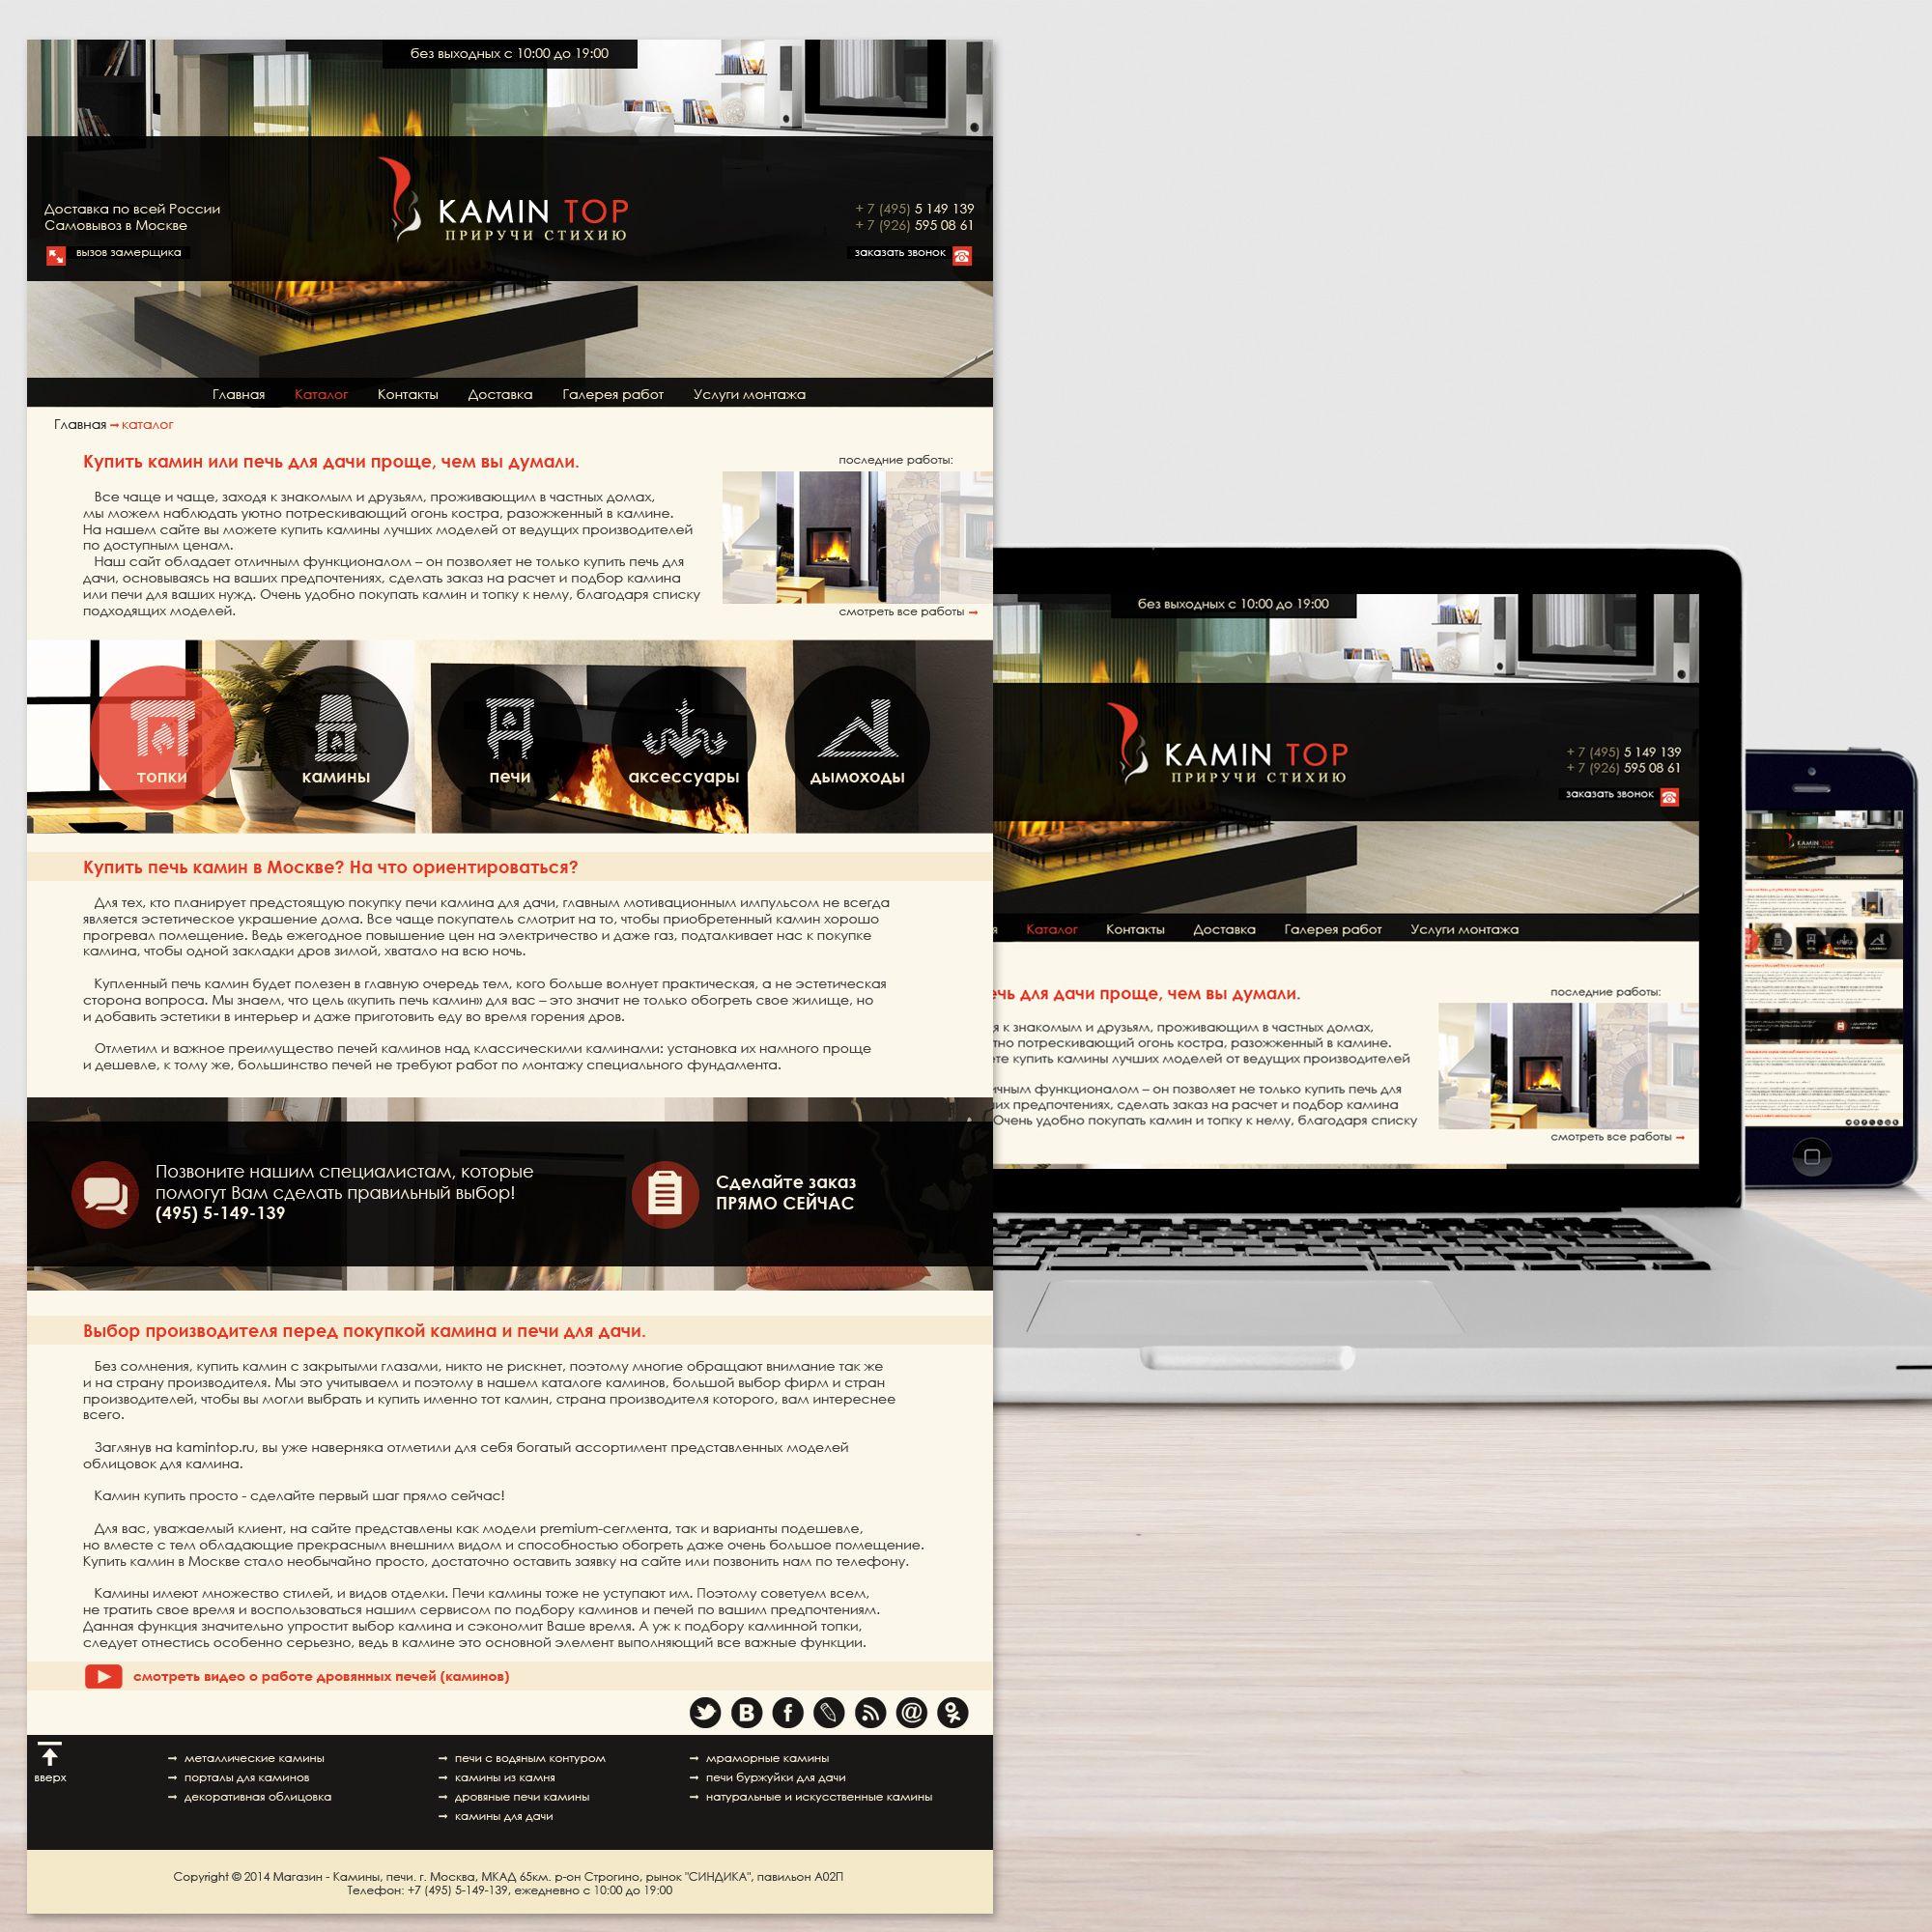 Дизайн сайта интернет магазина - дизайнер Fatal_Cork